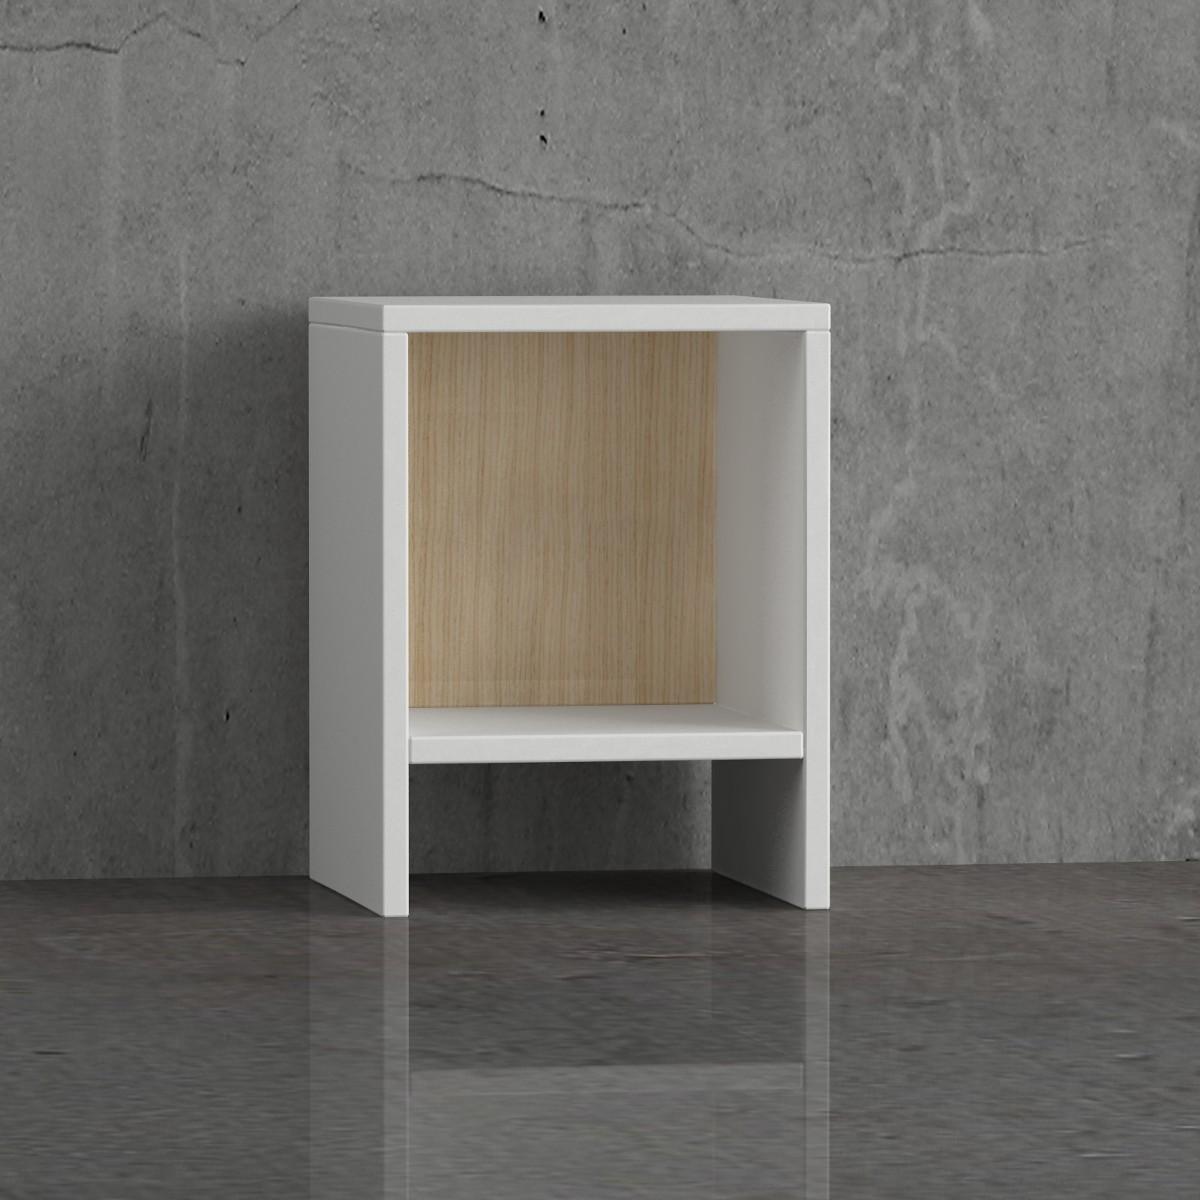 Pannelli rivestimento esterno finta pietra for Librerie in legno componibili